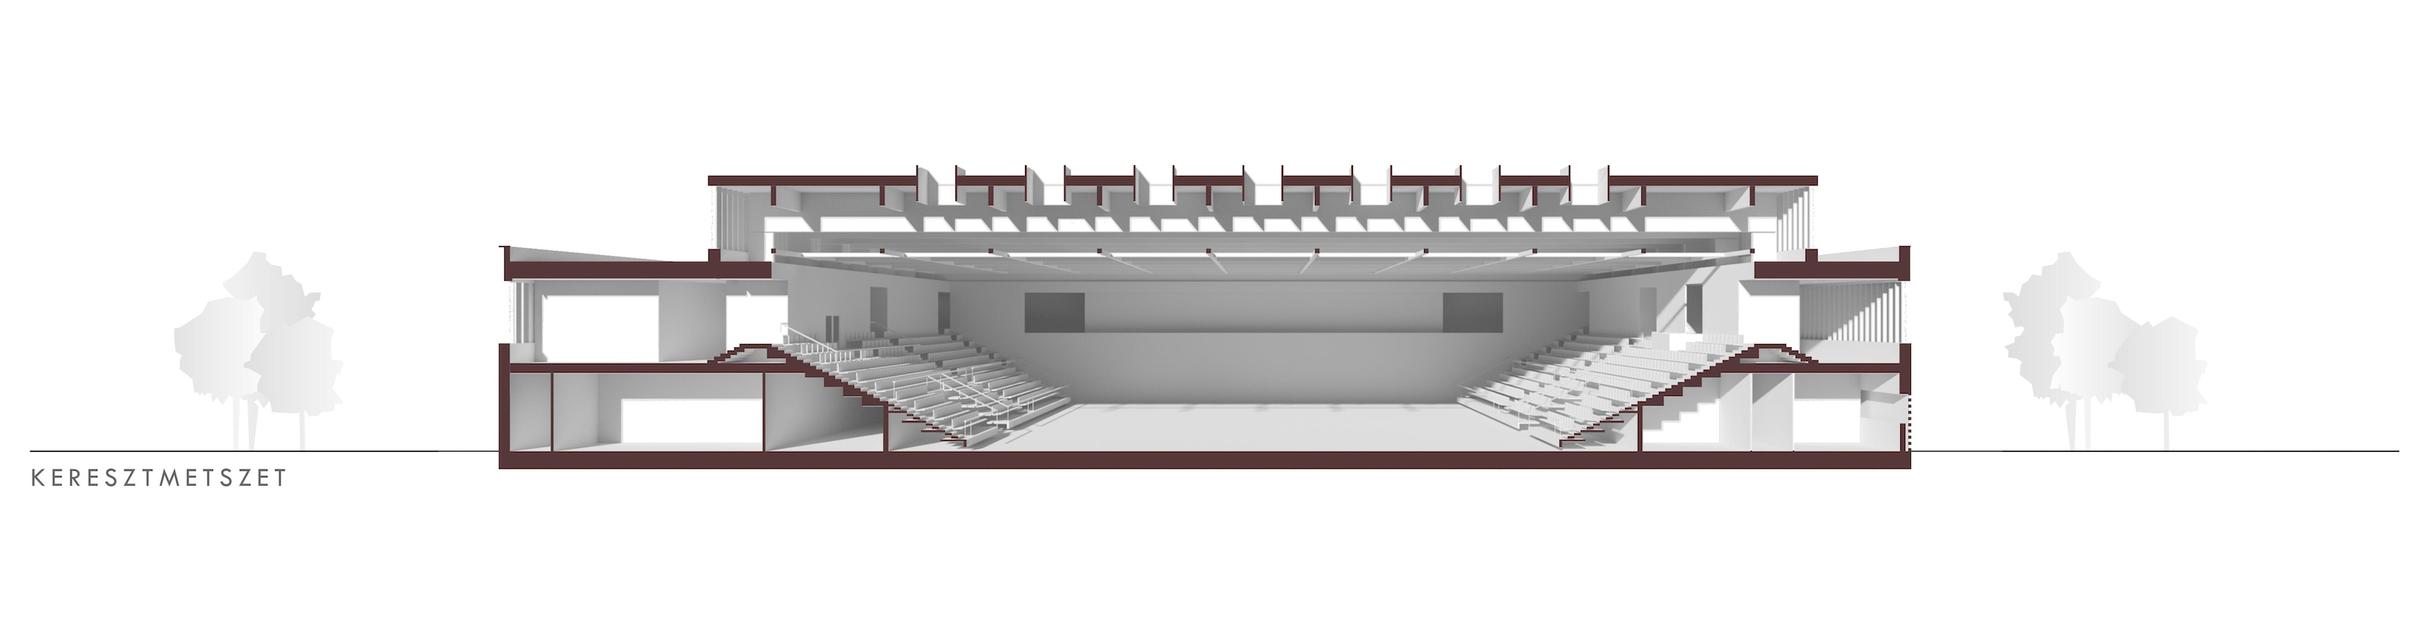 Keresztmetszet – Hajdúszoboszlói Multifunkcionális Rendezvénycsarnok – építész: Wéber József / Wéber Építésziroda